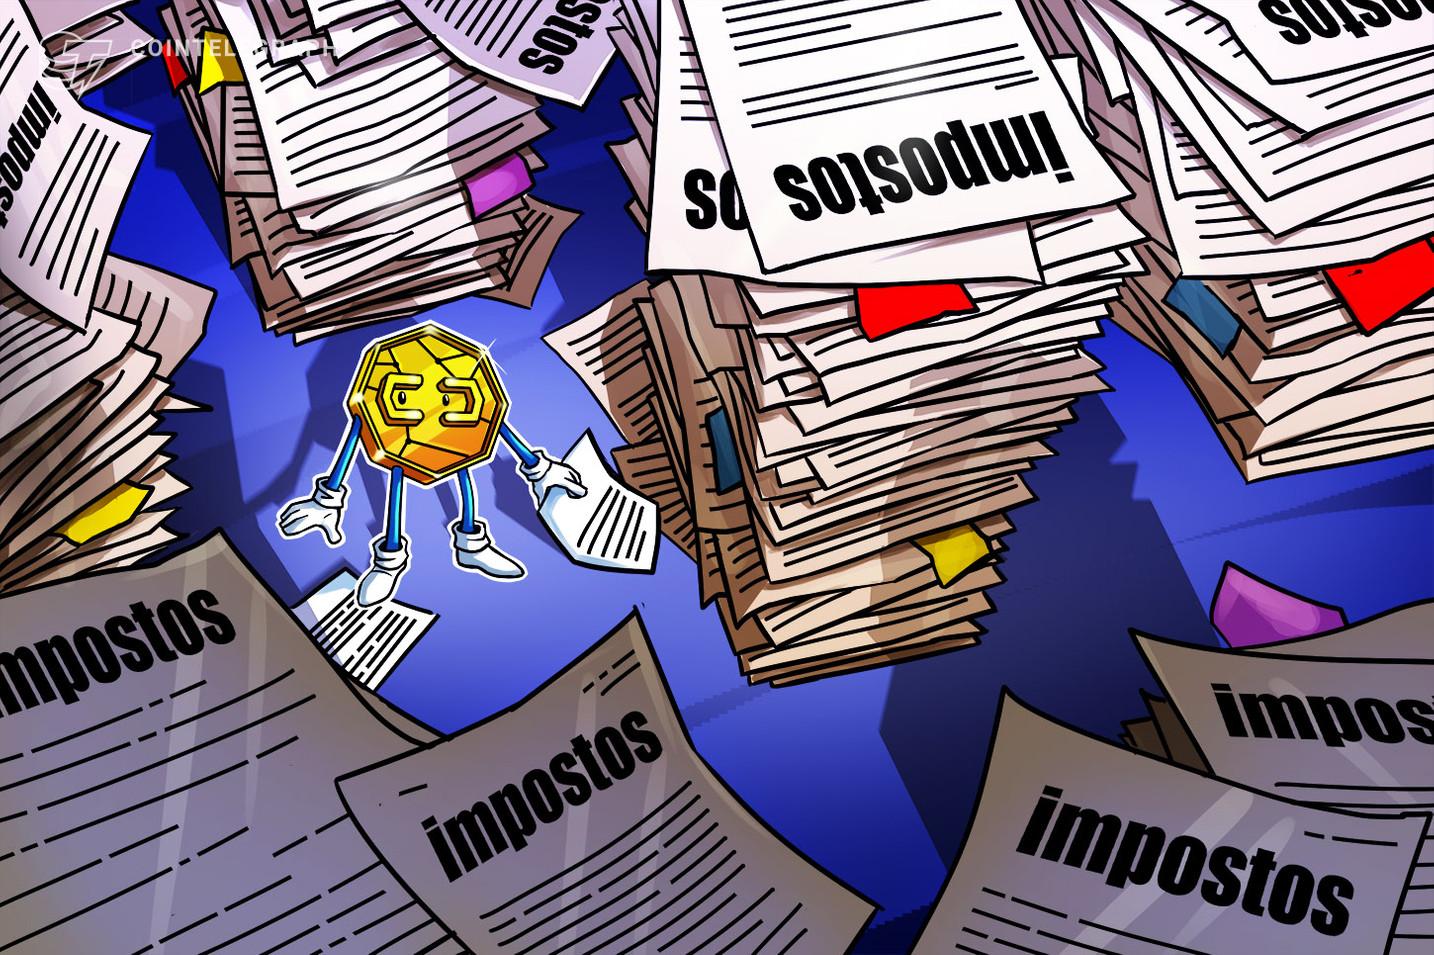 Receita Federal divulga programa de declaração do Imposto de Renda em 2020; saiba quem deve declarar criptomoedas